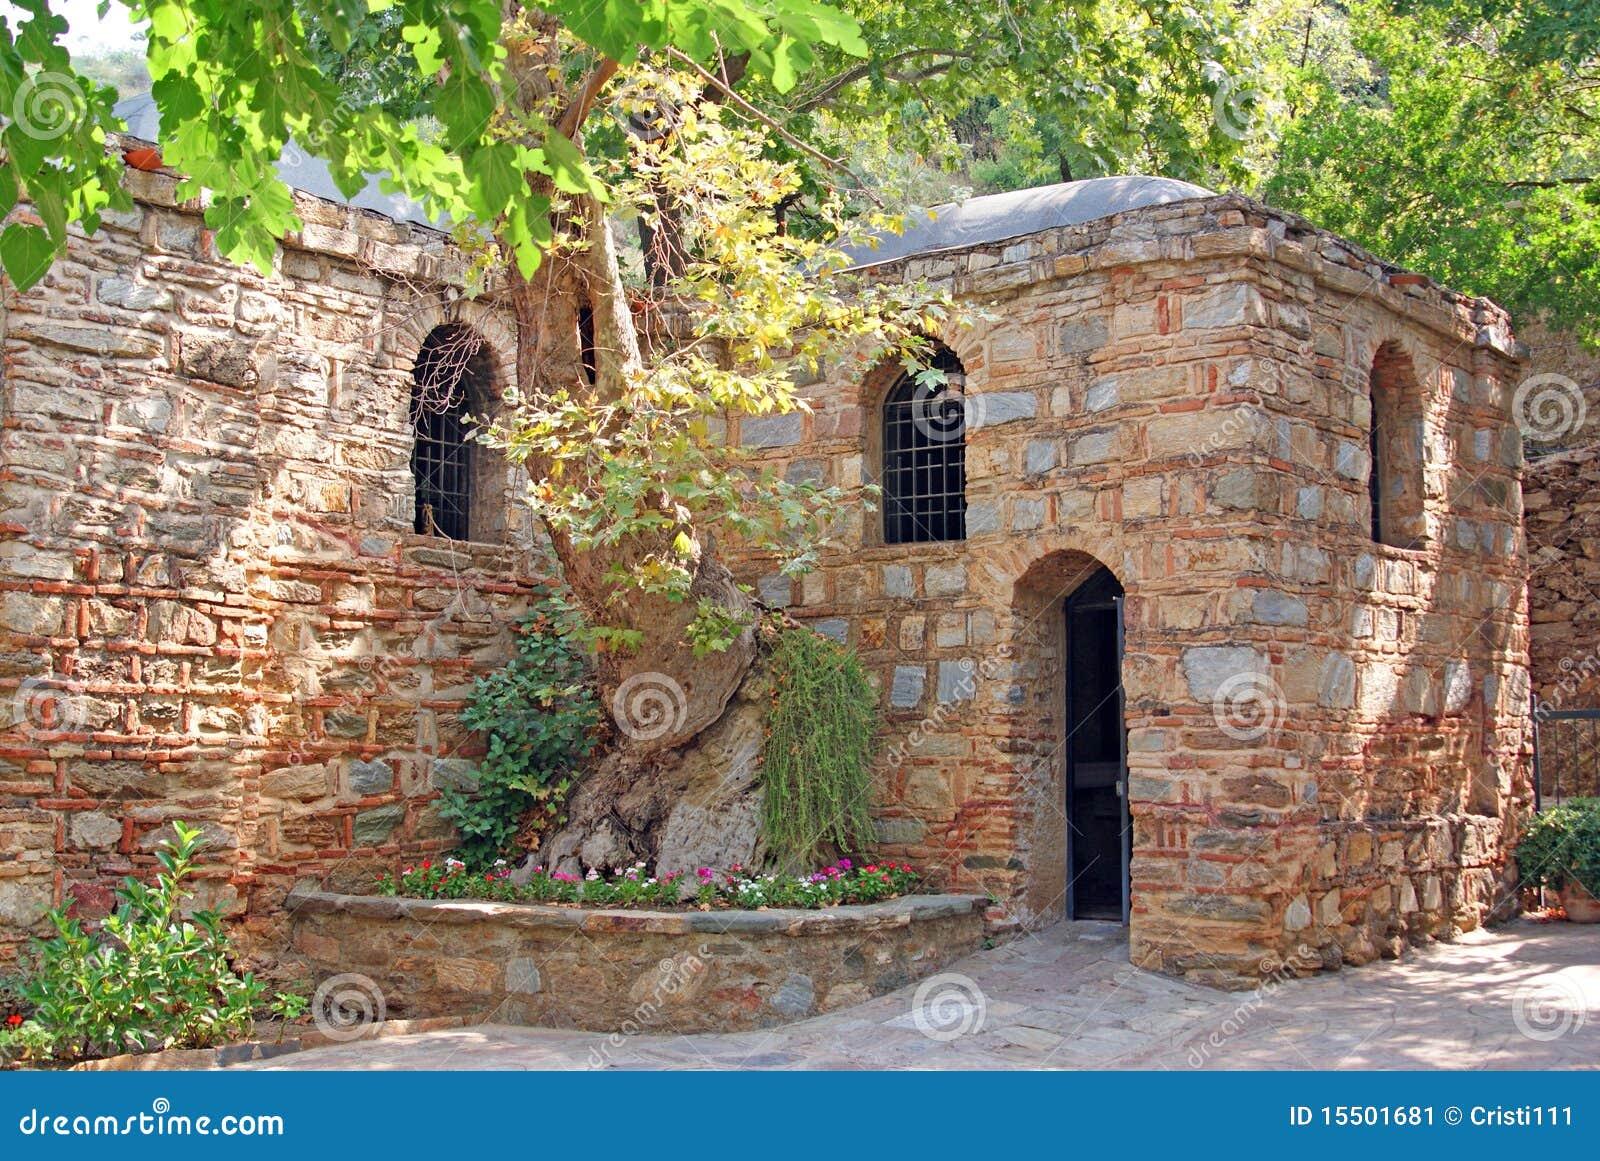 Het maagdelijke huis van Mary voor hun laatste dagen